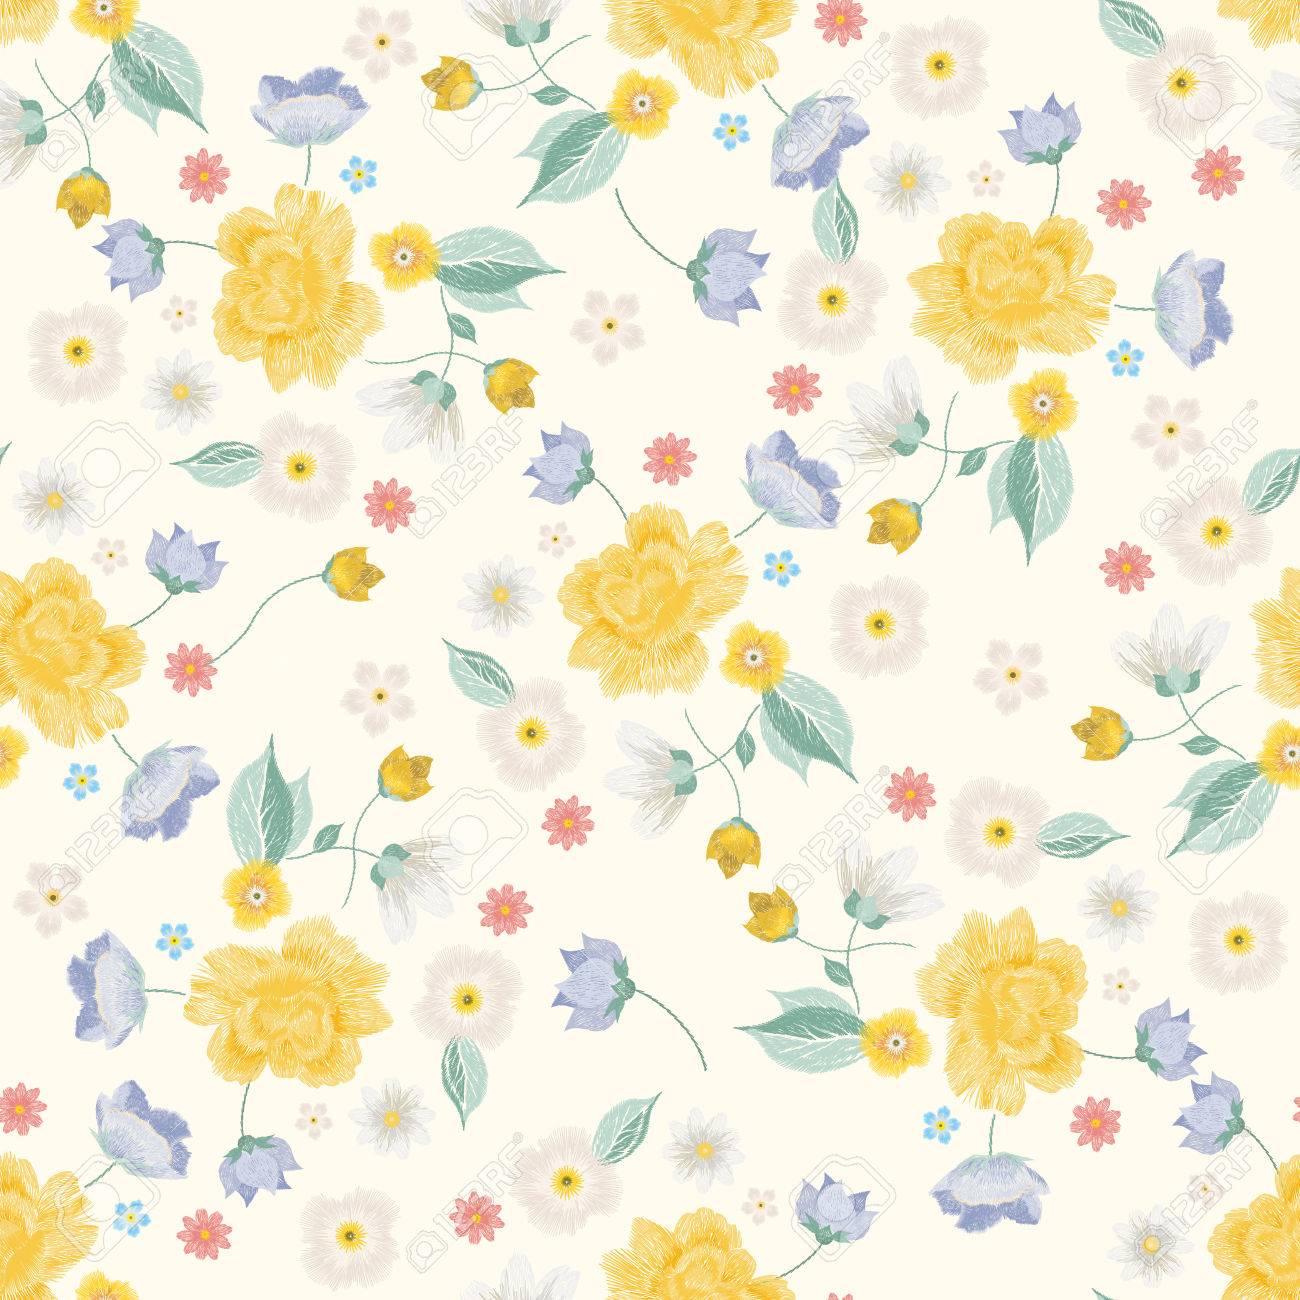 Bordado Colorido Simplificado étnico Floral De Patrones Sin Fisuras ...